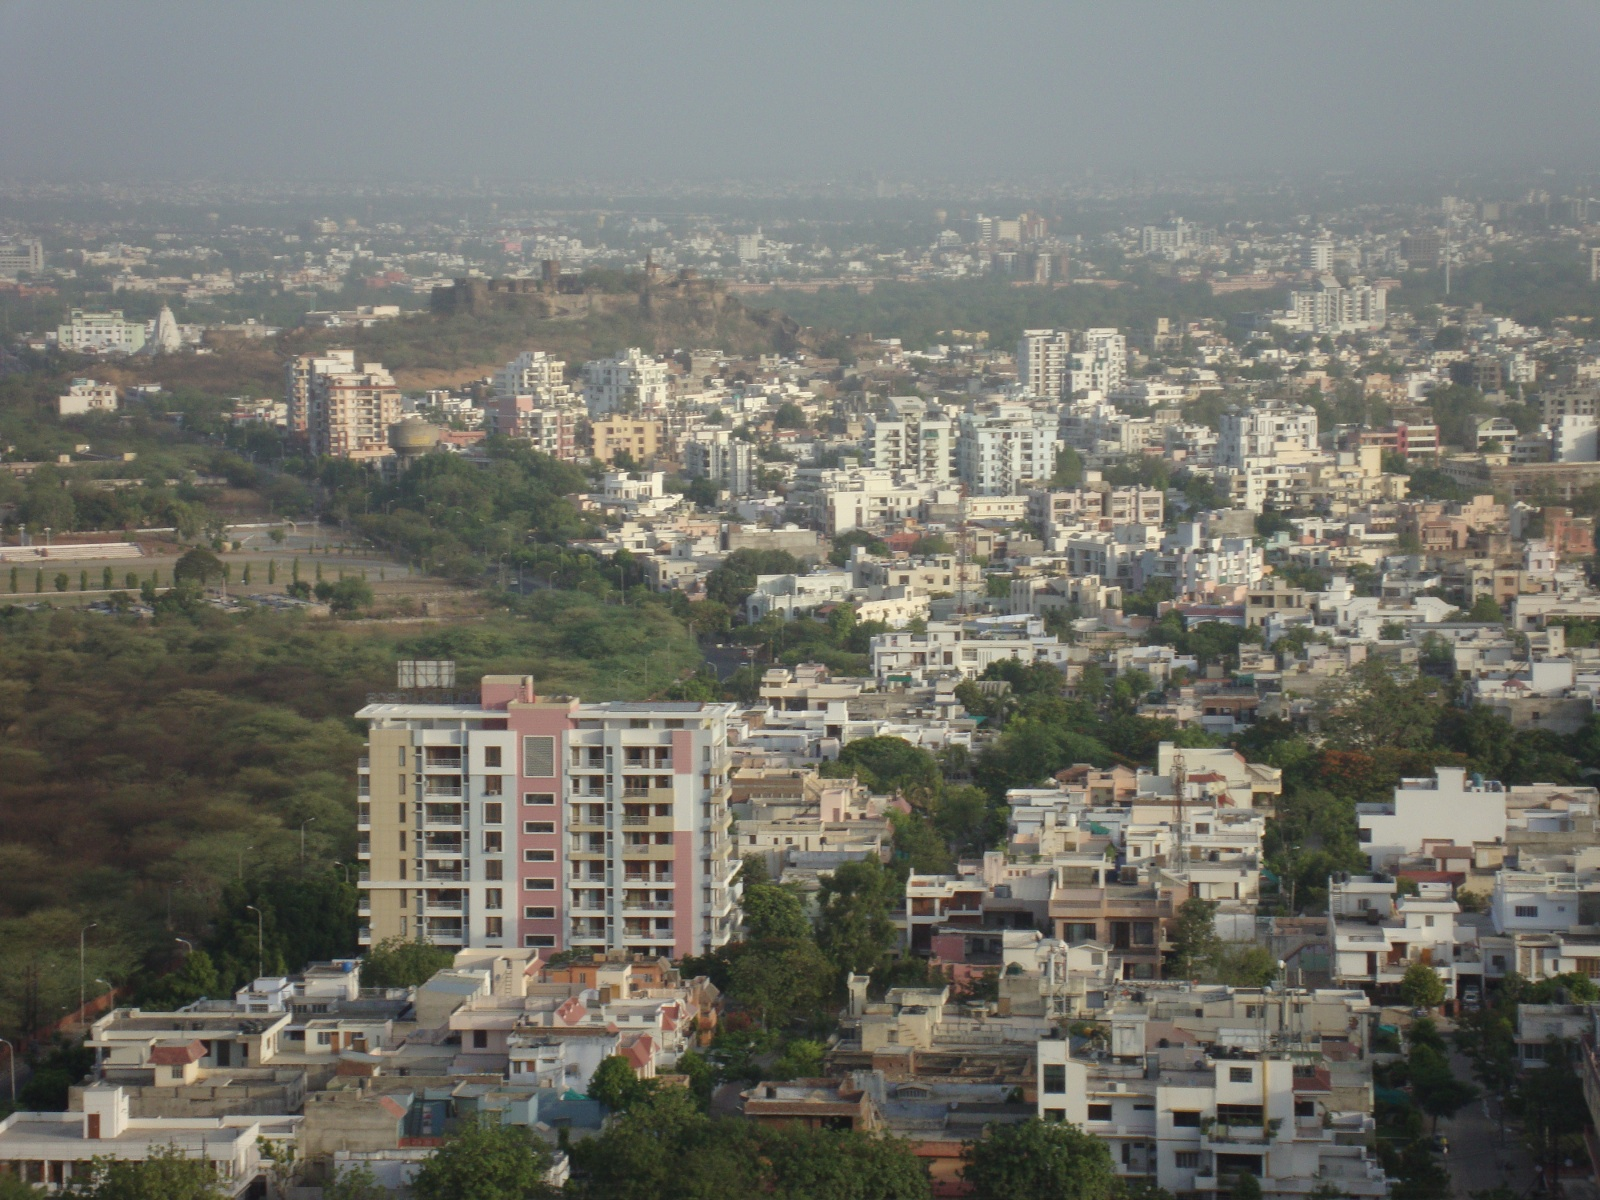 Jawahar Nagar.